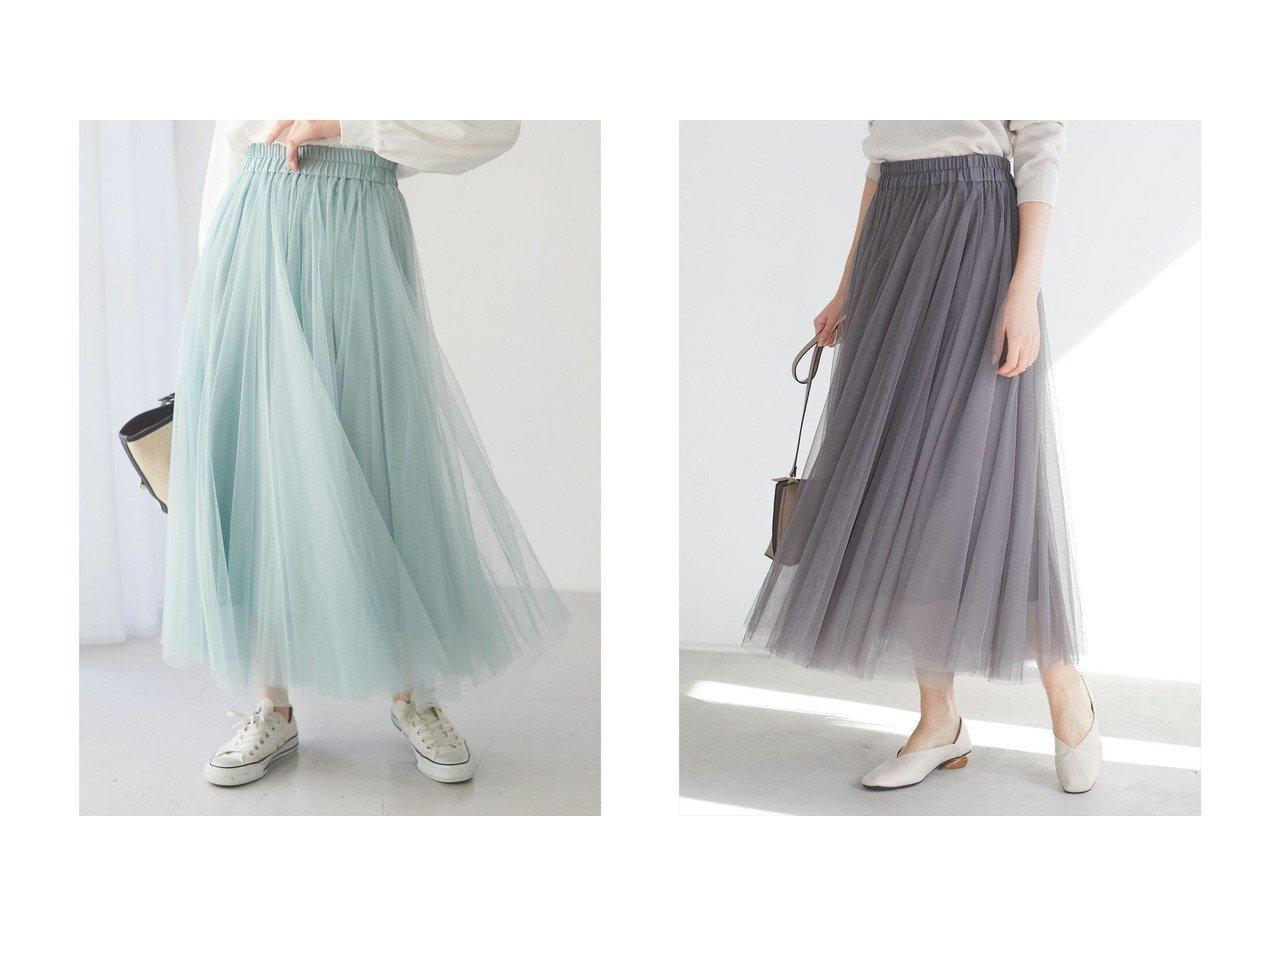 【Green Parks/グリーンパークス】の・furry rate チュールギャザースカート 【スカート】おすすめ!人気、トレンド・レディースファッションの通販 おすすめで人気の流行・トレンド、ファッションの通販商品 メンズファッション・キッズファッション・インテリア・家具・レディースファッション・服の通販 founy(ファニー) https://founy.com/ ファッション Fashion レディースファッション WOMEN スカート Skirt 送料無料 Free Shipping エアリー シンプル チュール ロマンティック |ID:crp329100000032368